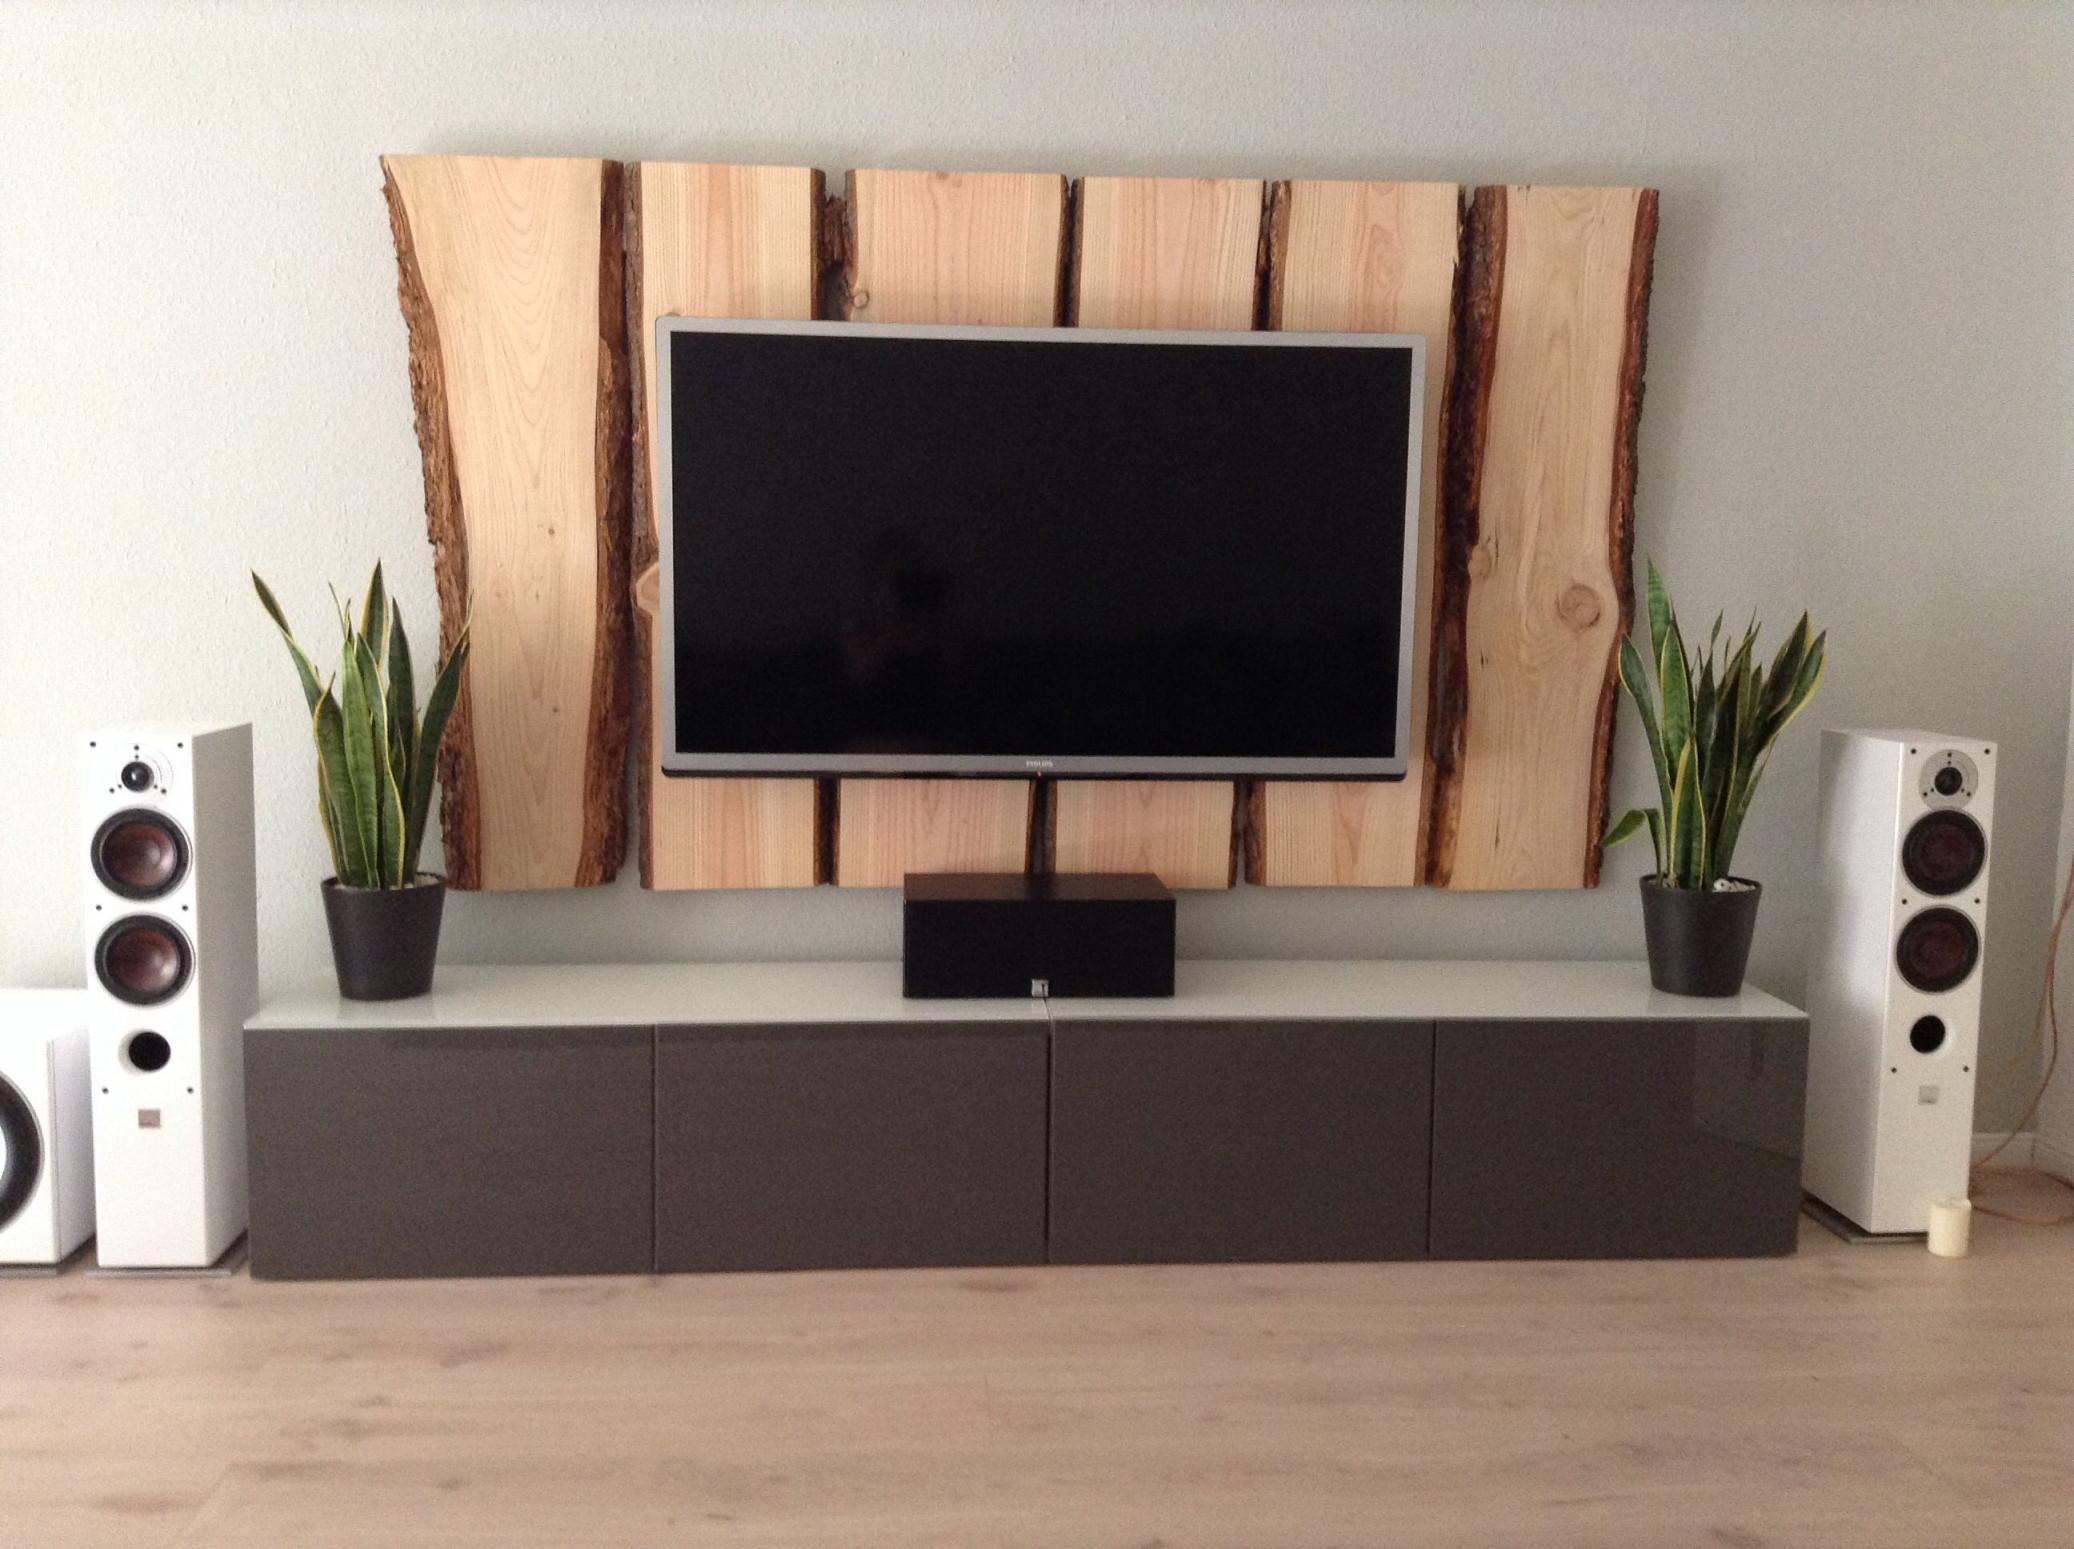 Holz Tv Wand  Tv Wall Wood  Tv Wand Holz Holzwand von Wohnzimmer Mit Holz Gestalten Bild